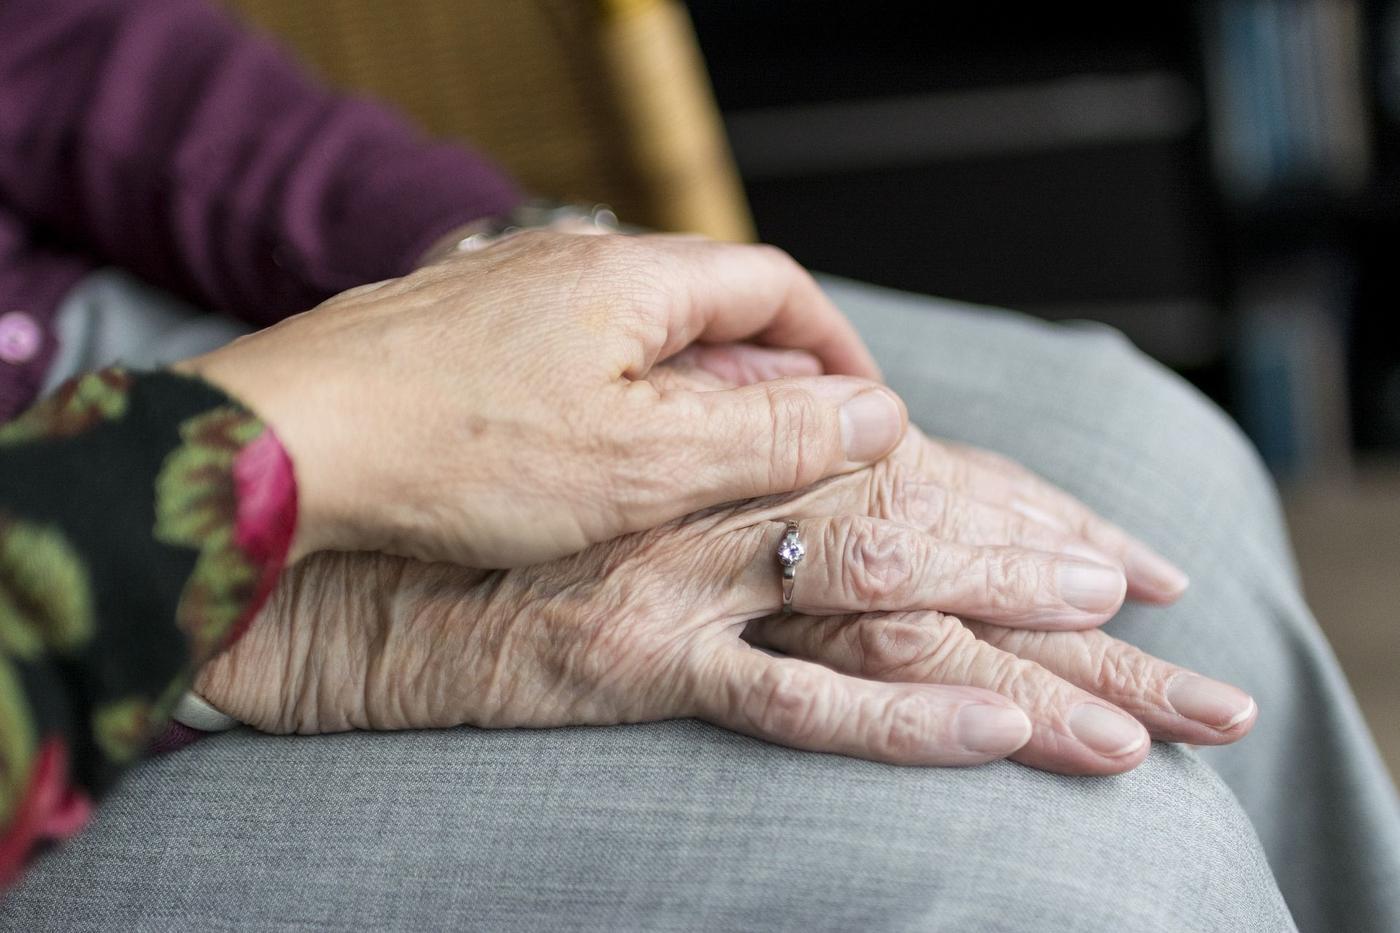 Ett par äldre händer, en yngre hand ovanpå